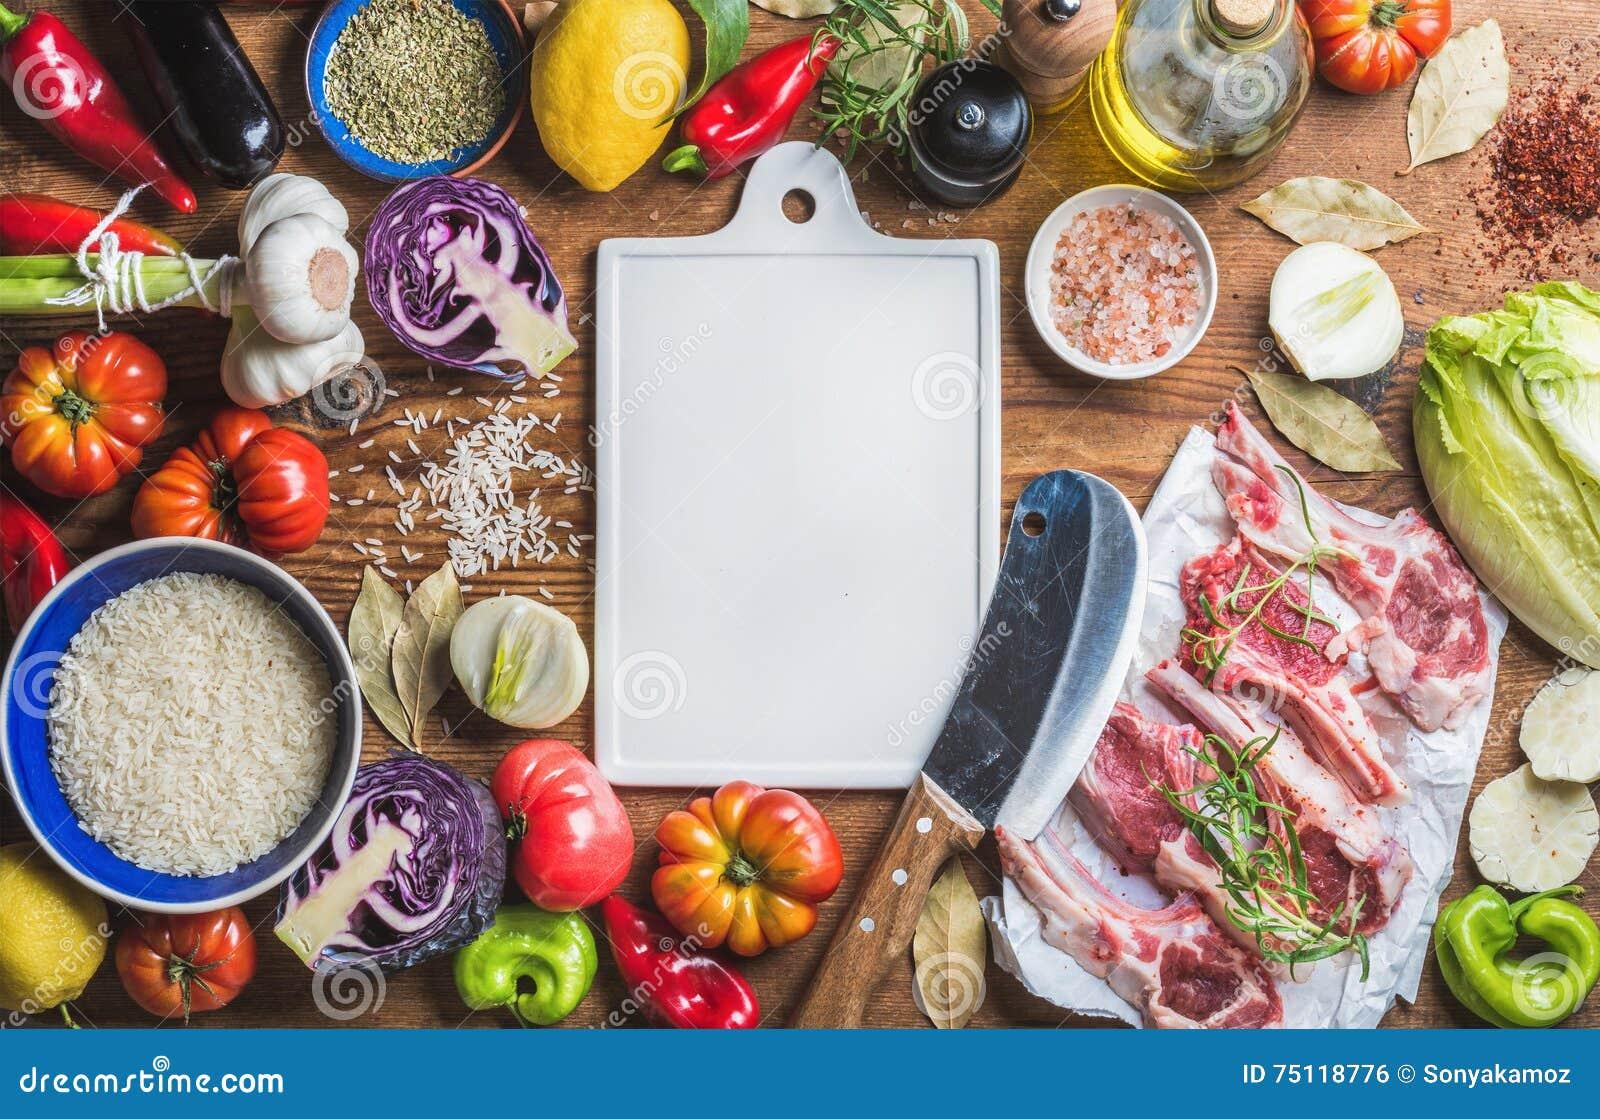 Surowi jagnięcy mięso kotleciki, ryż, warzywa, olej, ziele i pikantność,